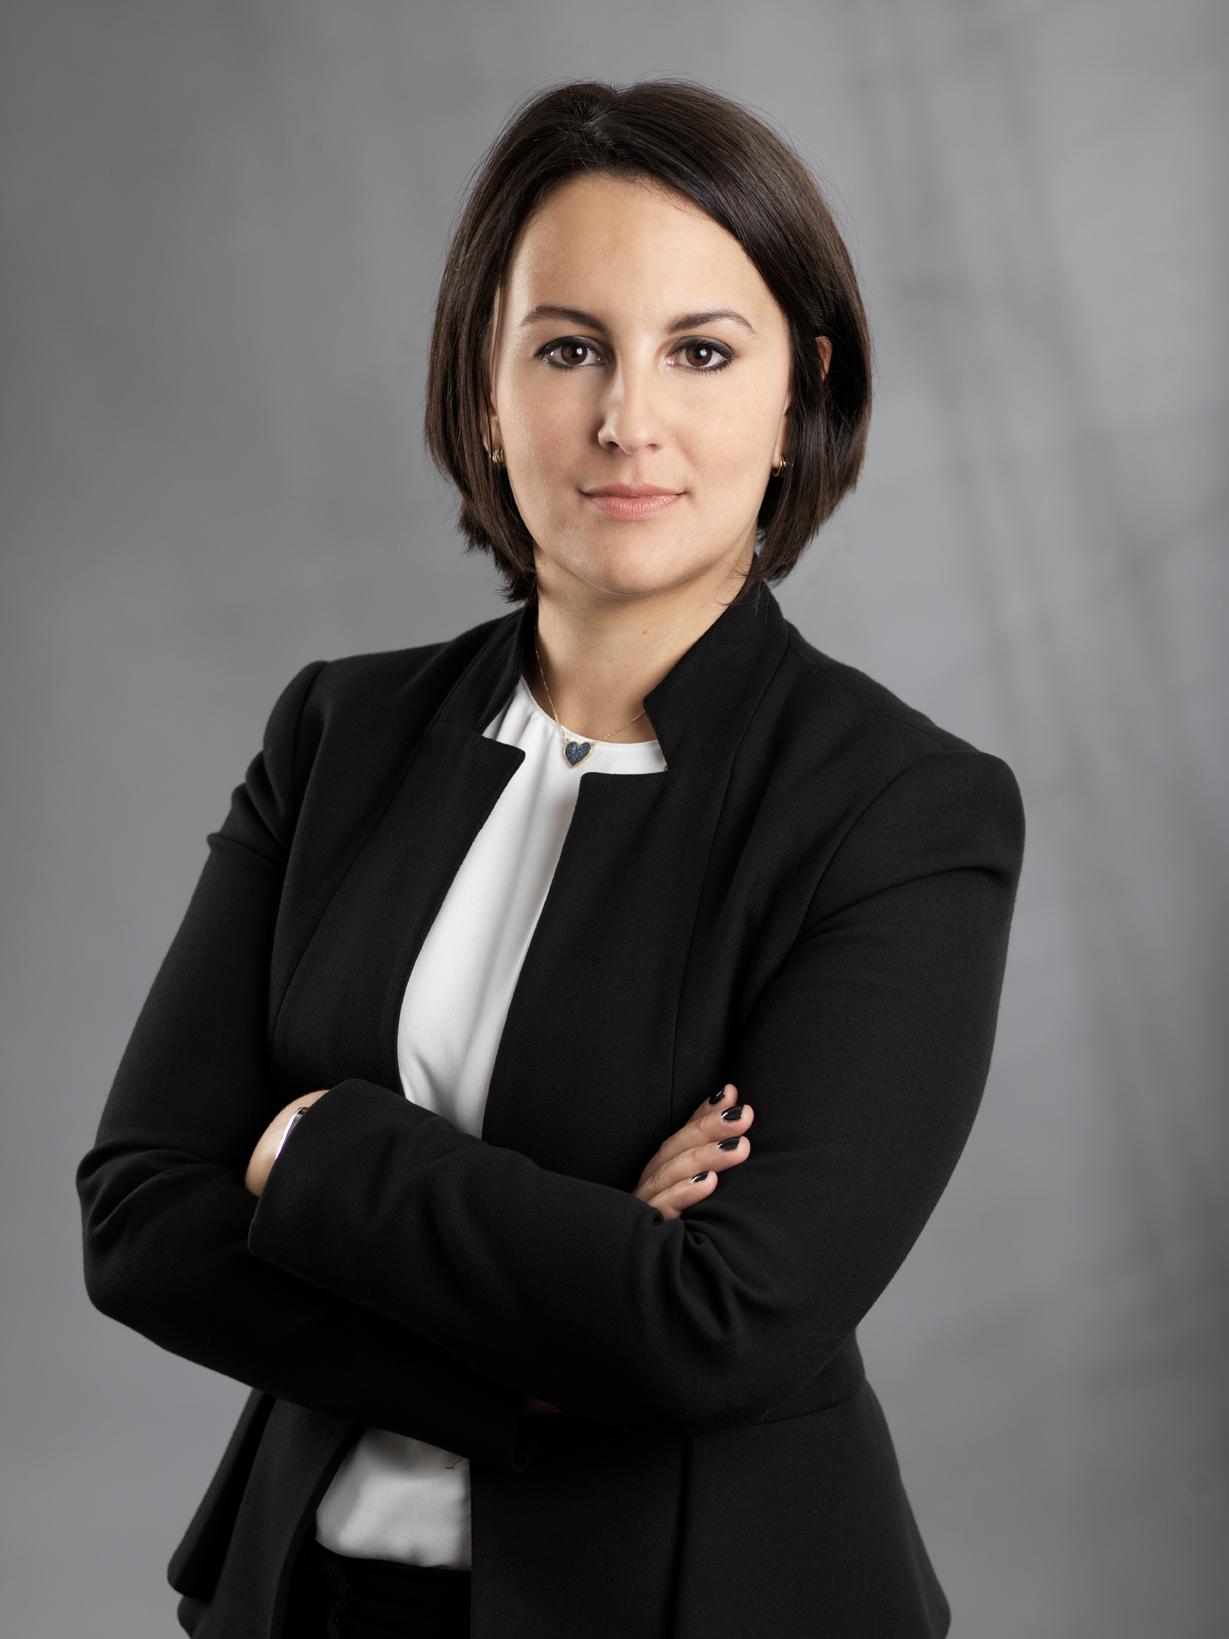 Elodie Le Guen